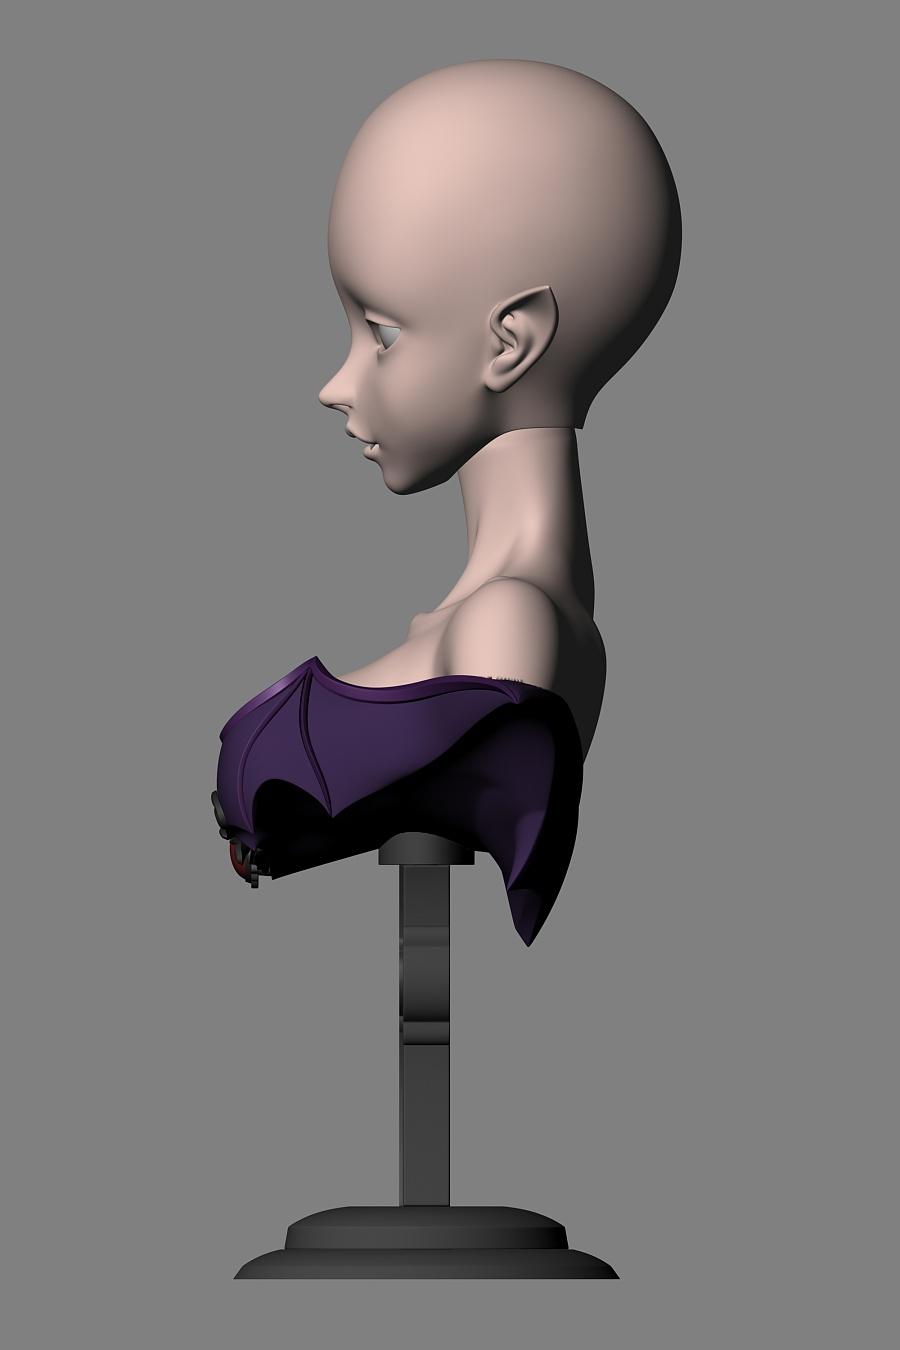 查看《吸血鬼 LISA 三分BJD娃娃 头雕&胸台 3D建模,3D打印原型制作》原图,原图尺寸:2000x3000